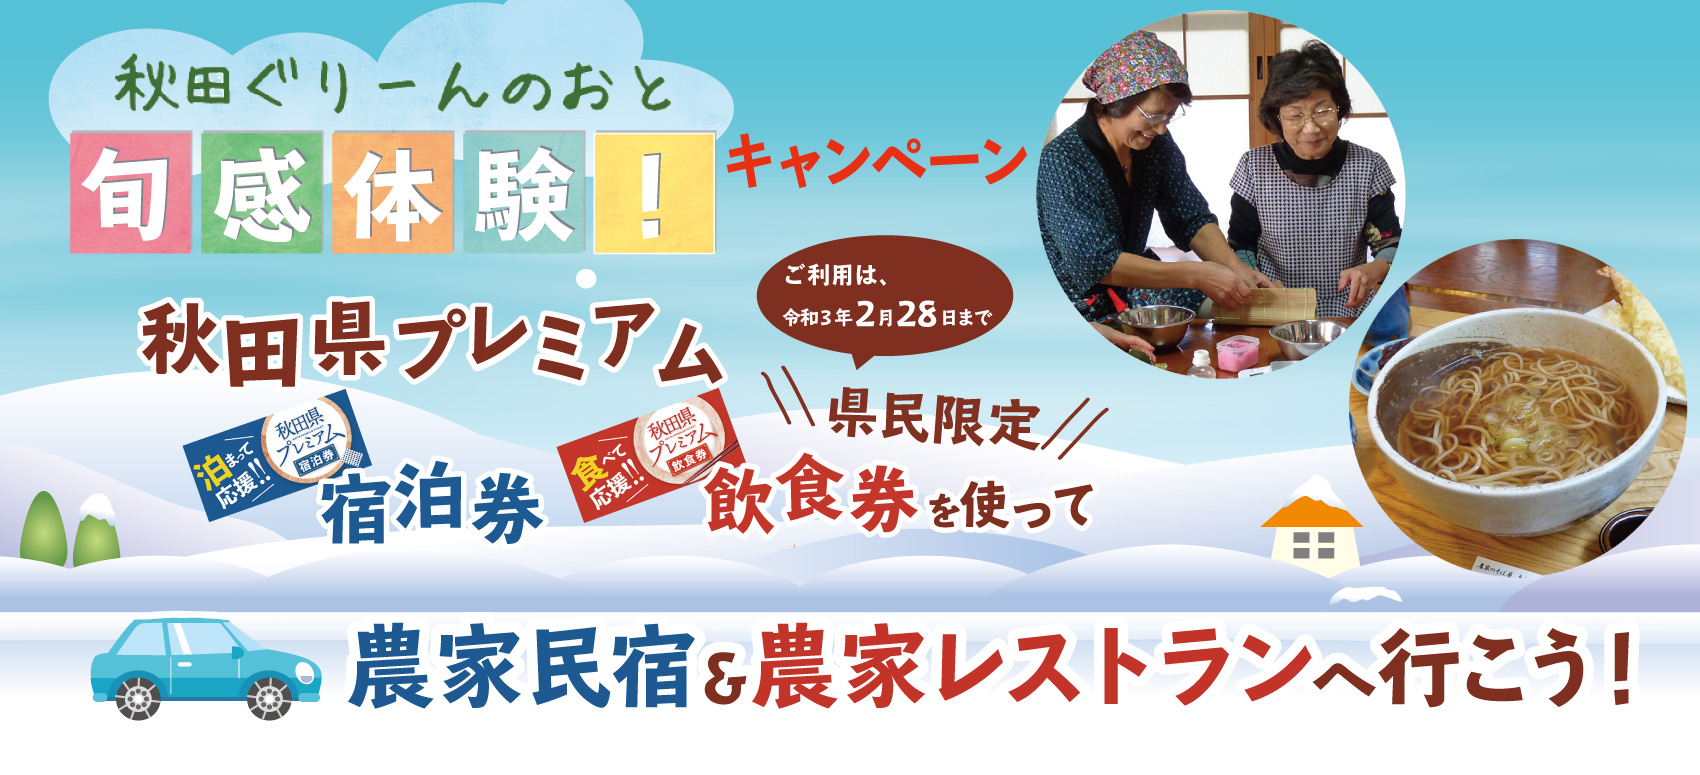 秋田 県 プレミアム 飲食 券 使える 店